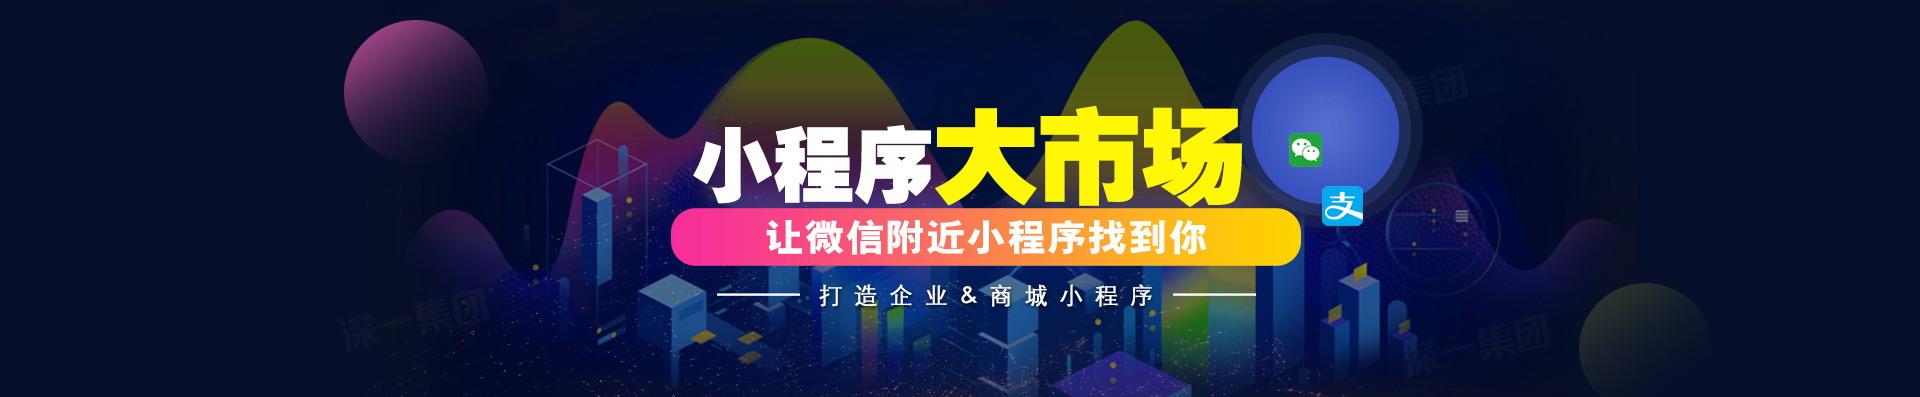 深圳微信小程序